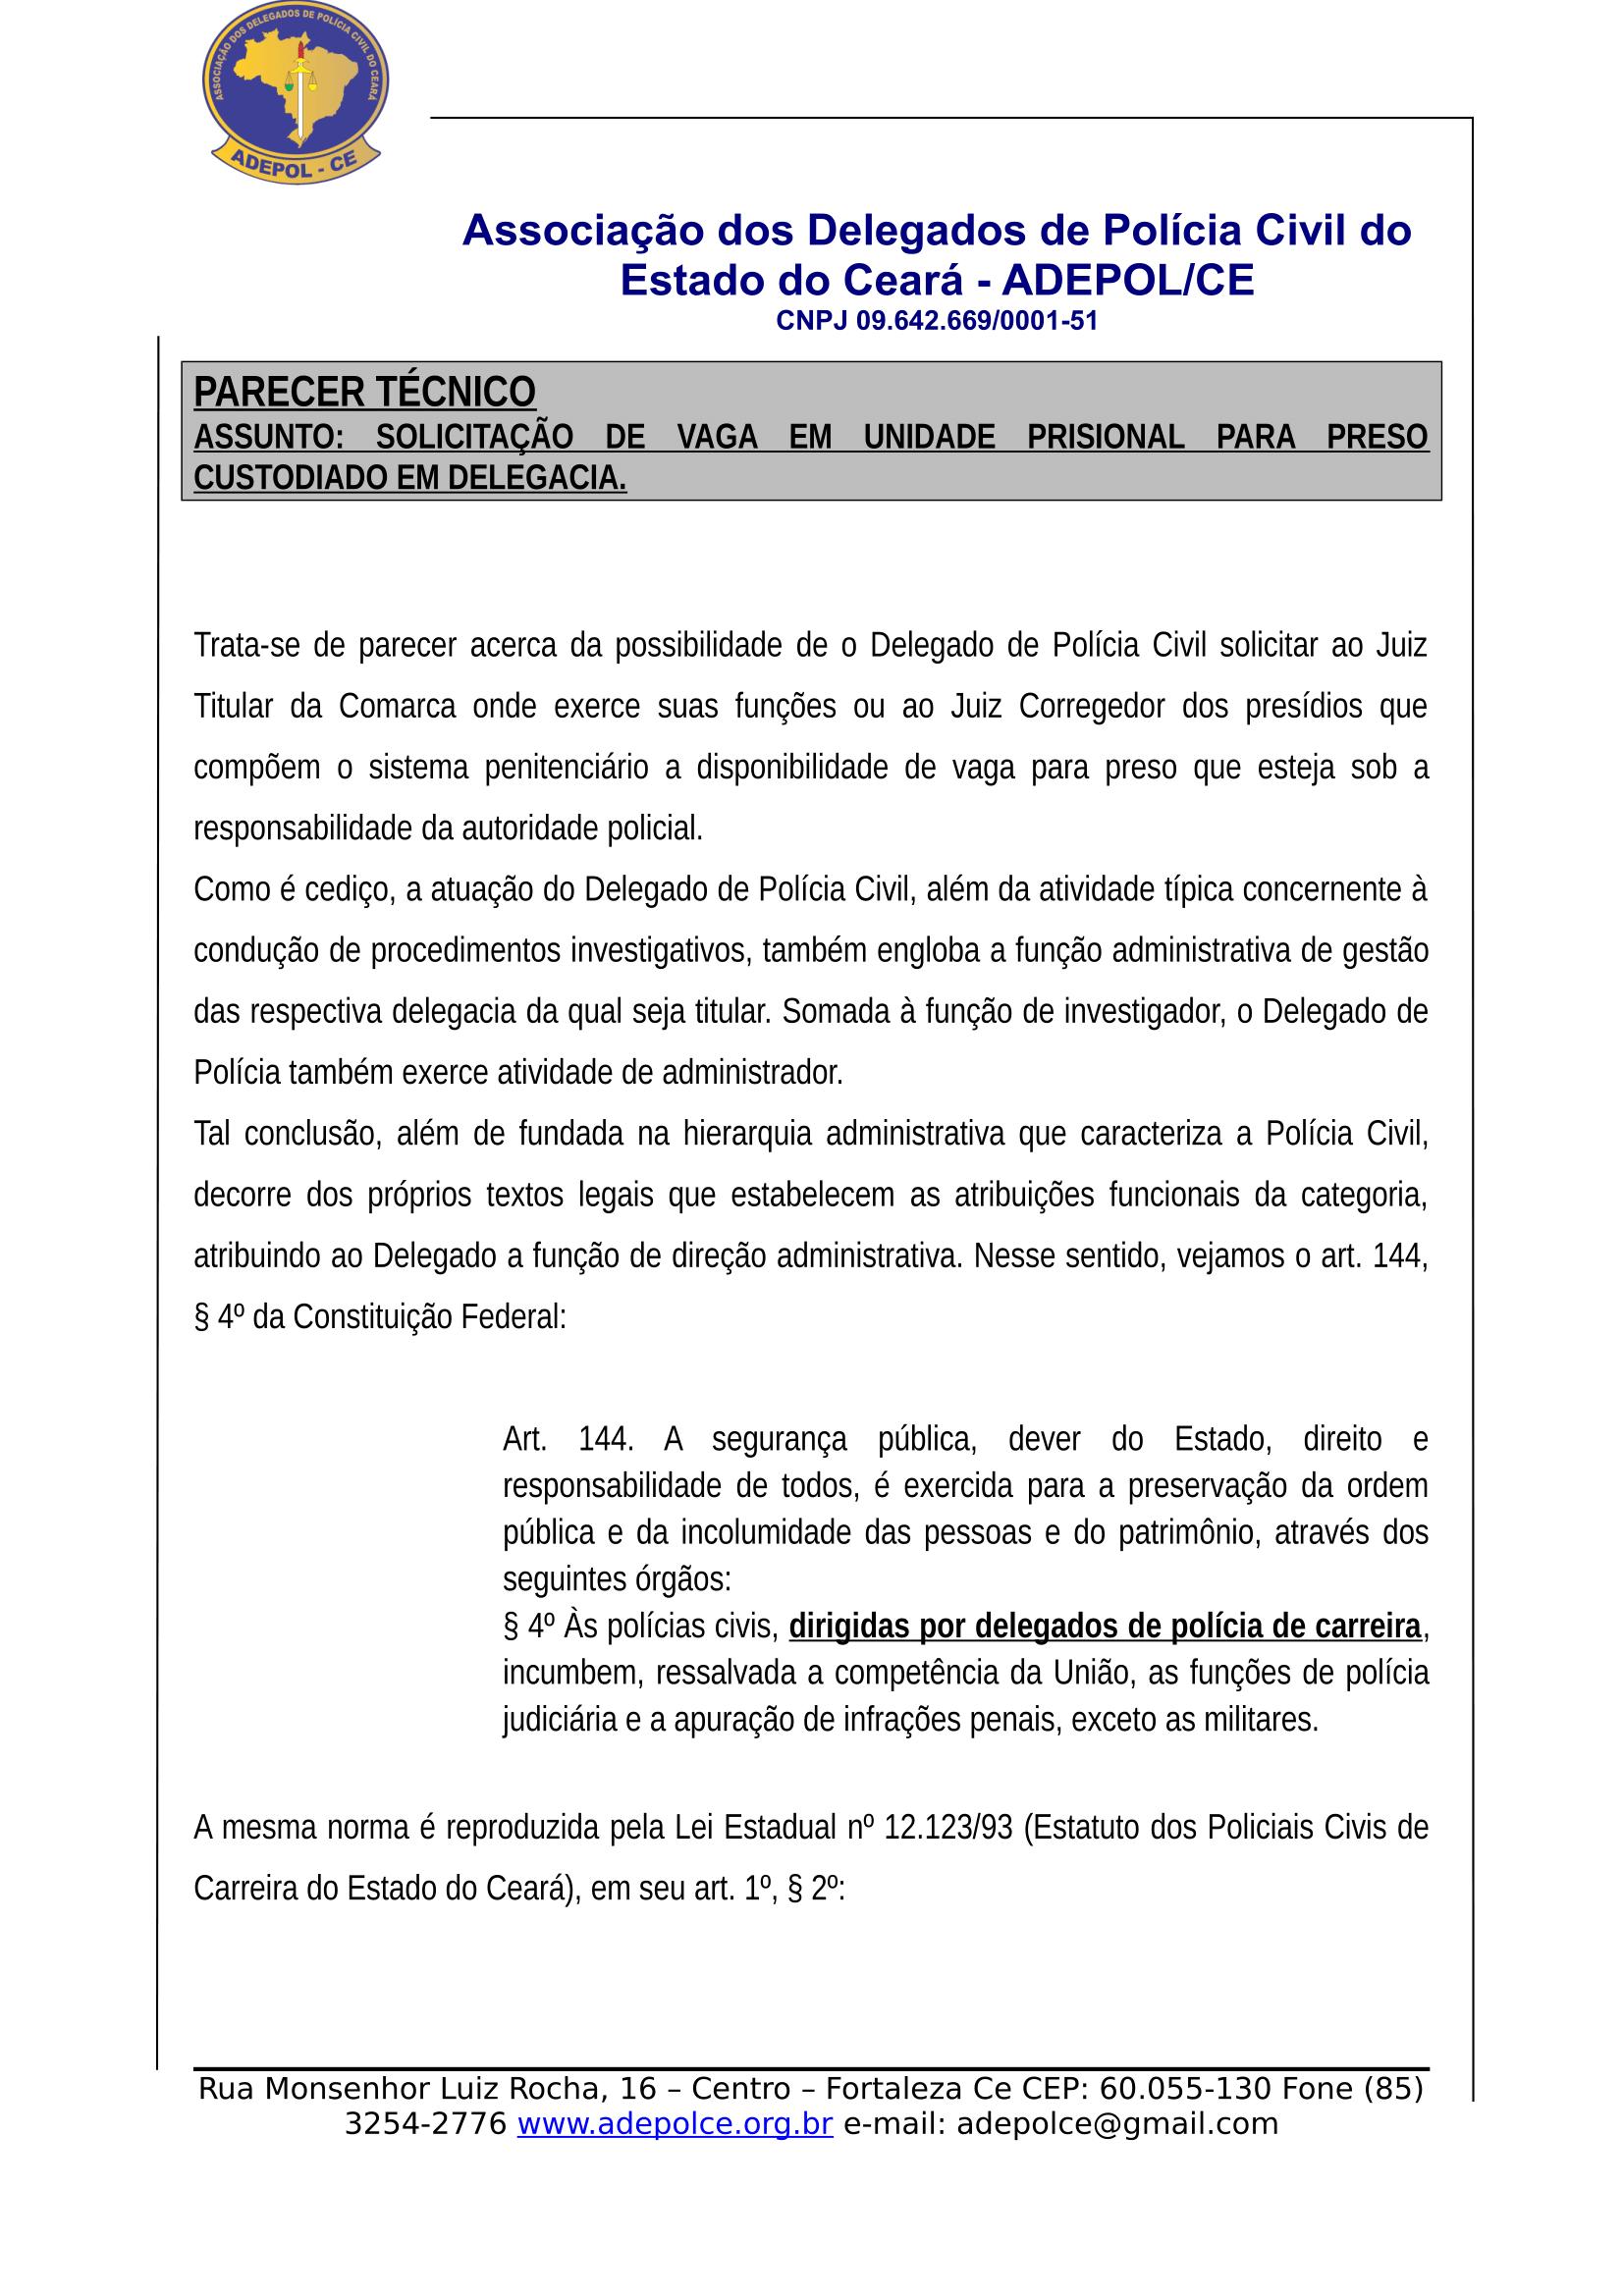 PARECER TÉCNICO (1)-1